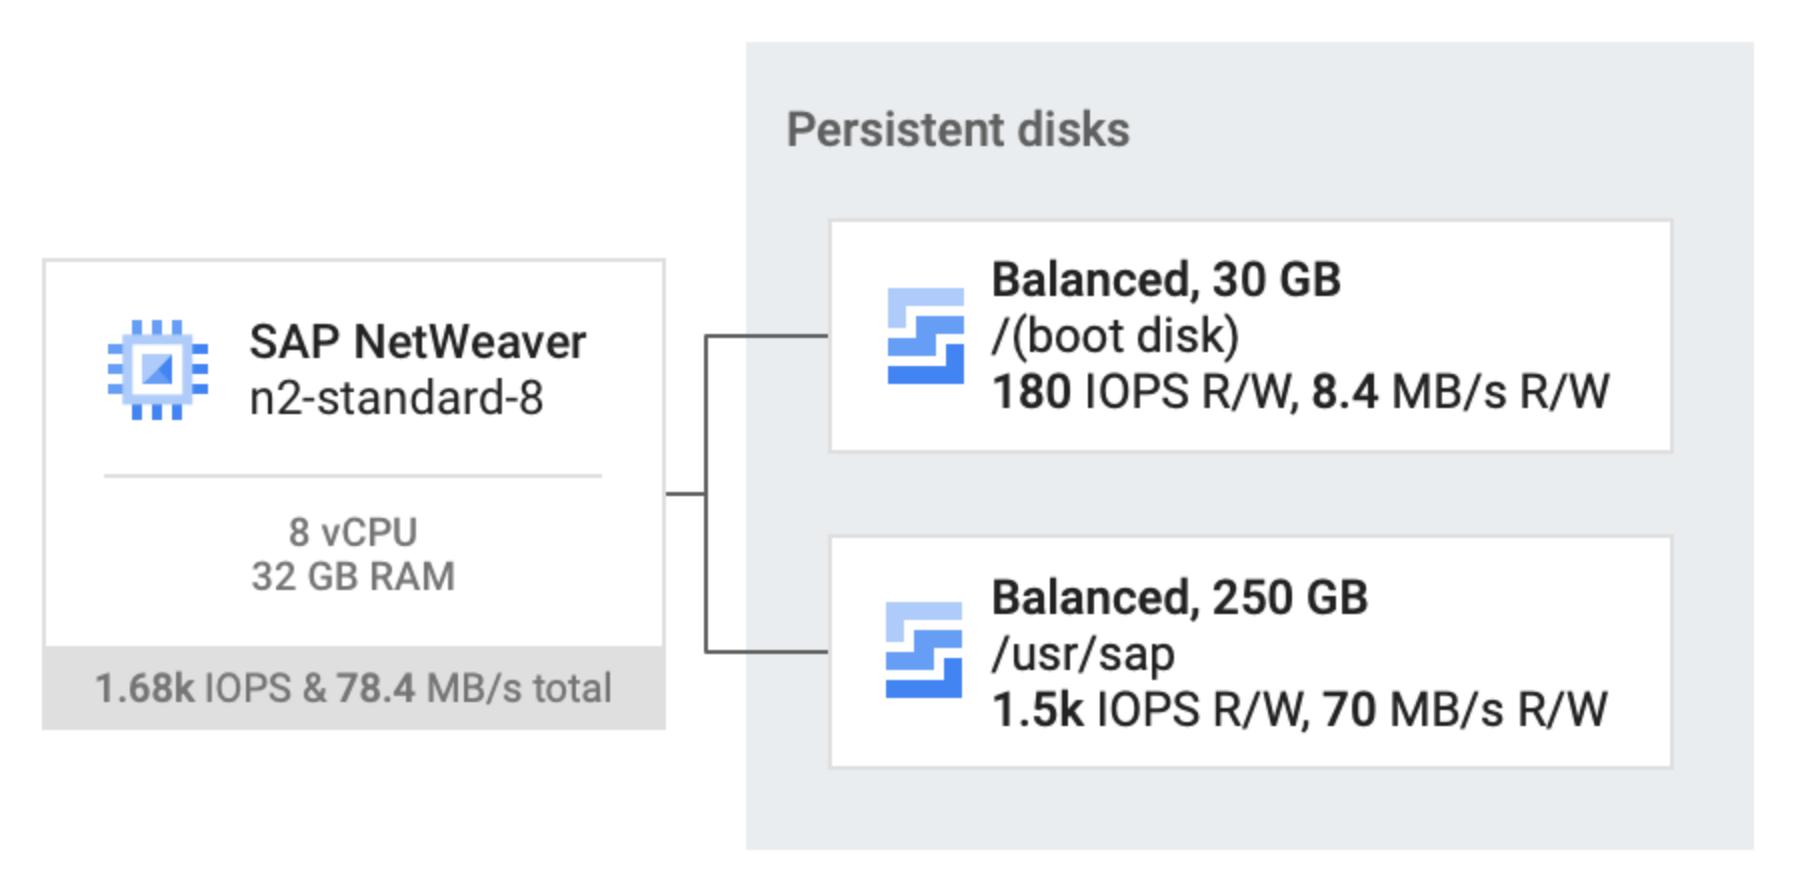 Dois discos permanentes com balanceamento de carga, um de 80 GB e outros 250 GB, são anexados a uma VM do host n2-standard-32 que executa o SAP NetWeaver.